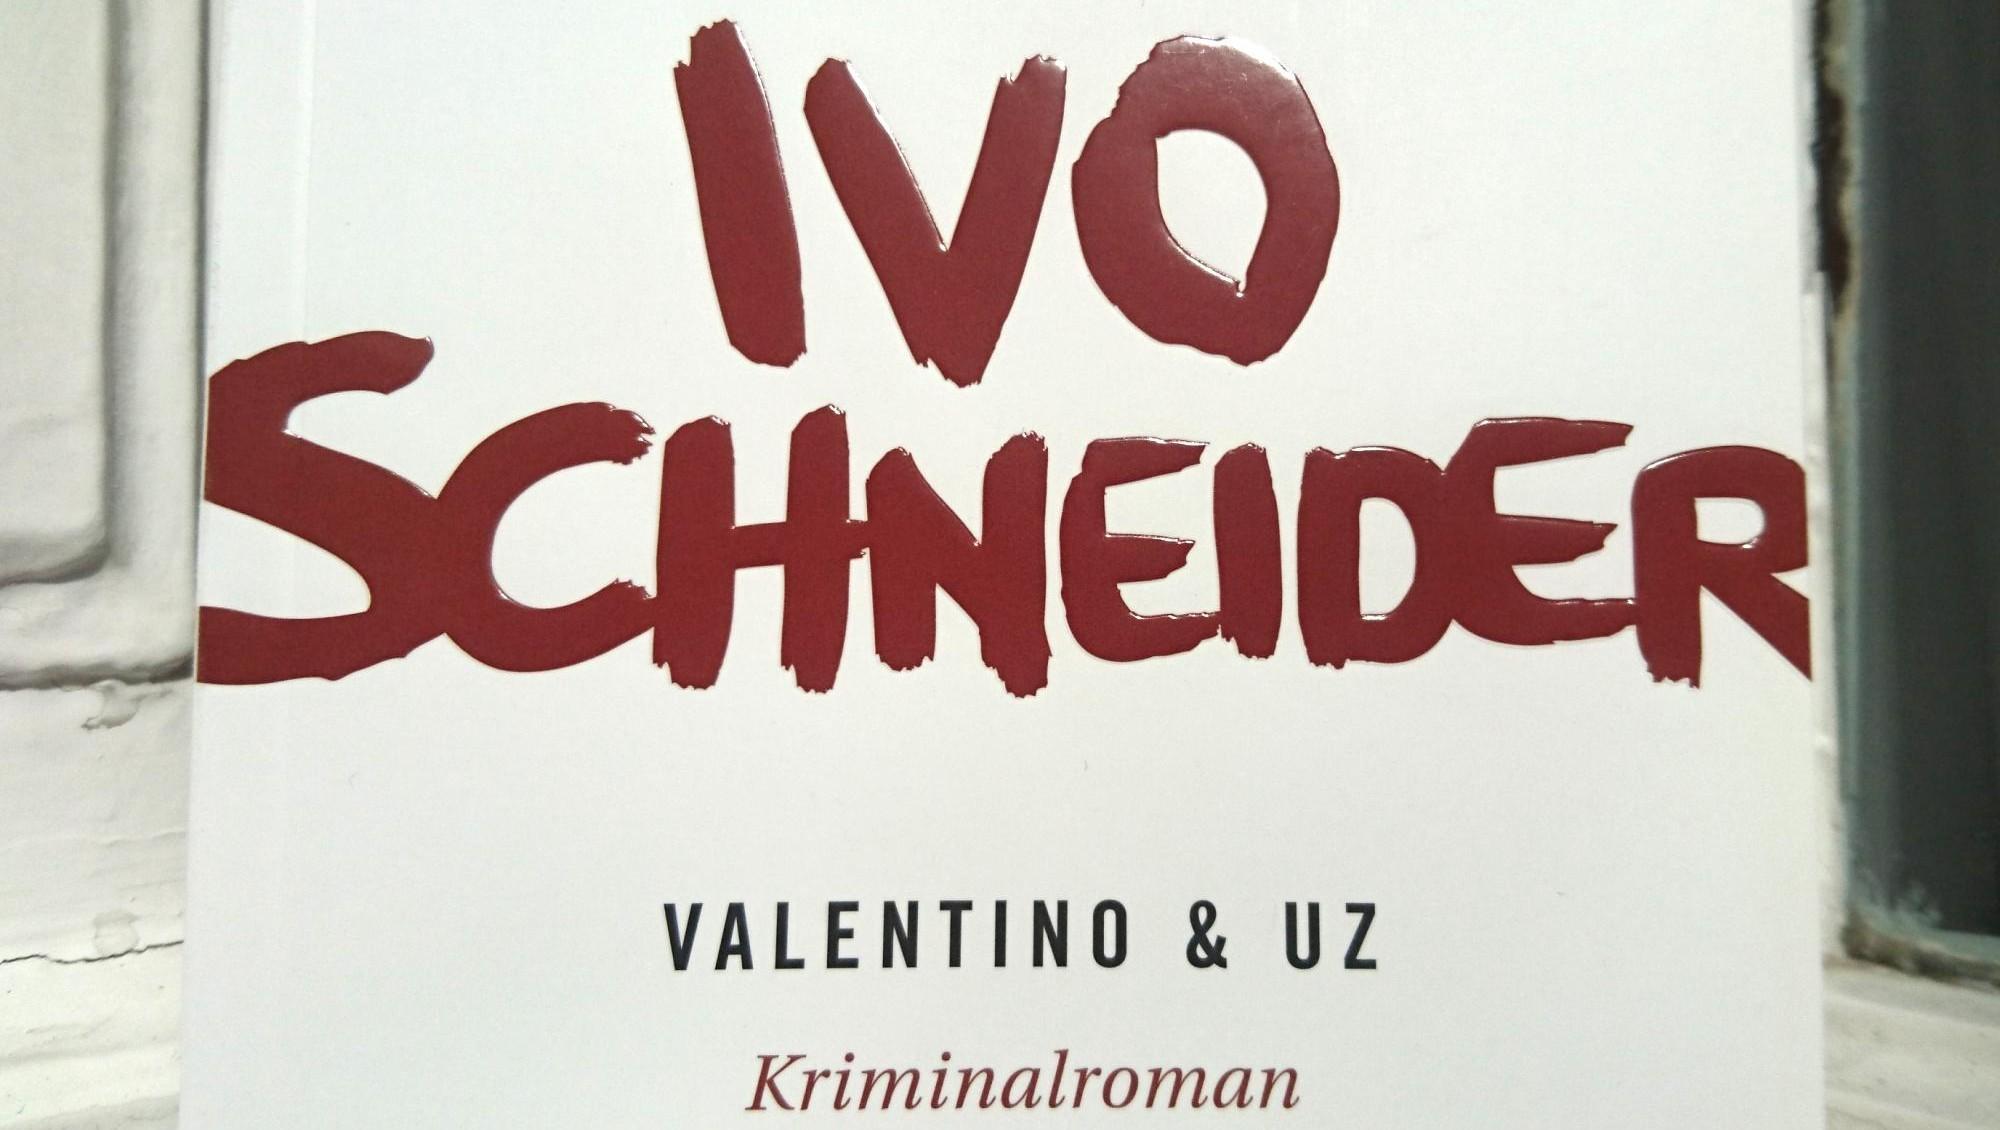 Valentino & Uz Titel© Ivo Schneider